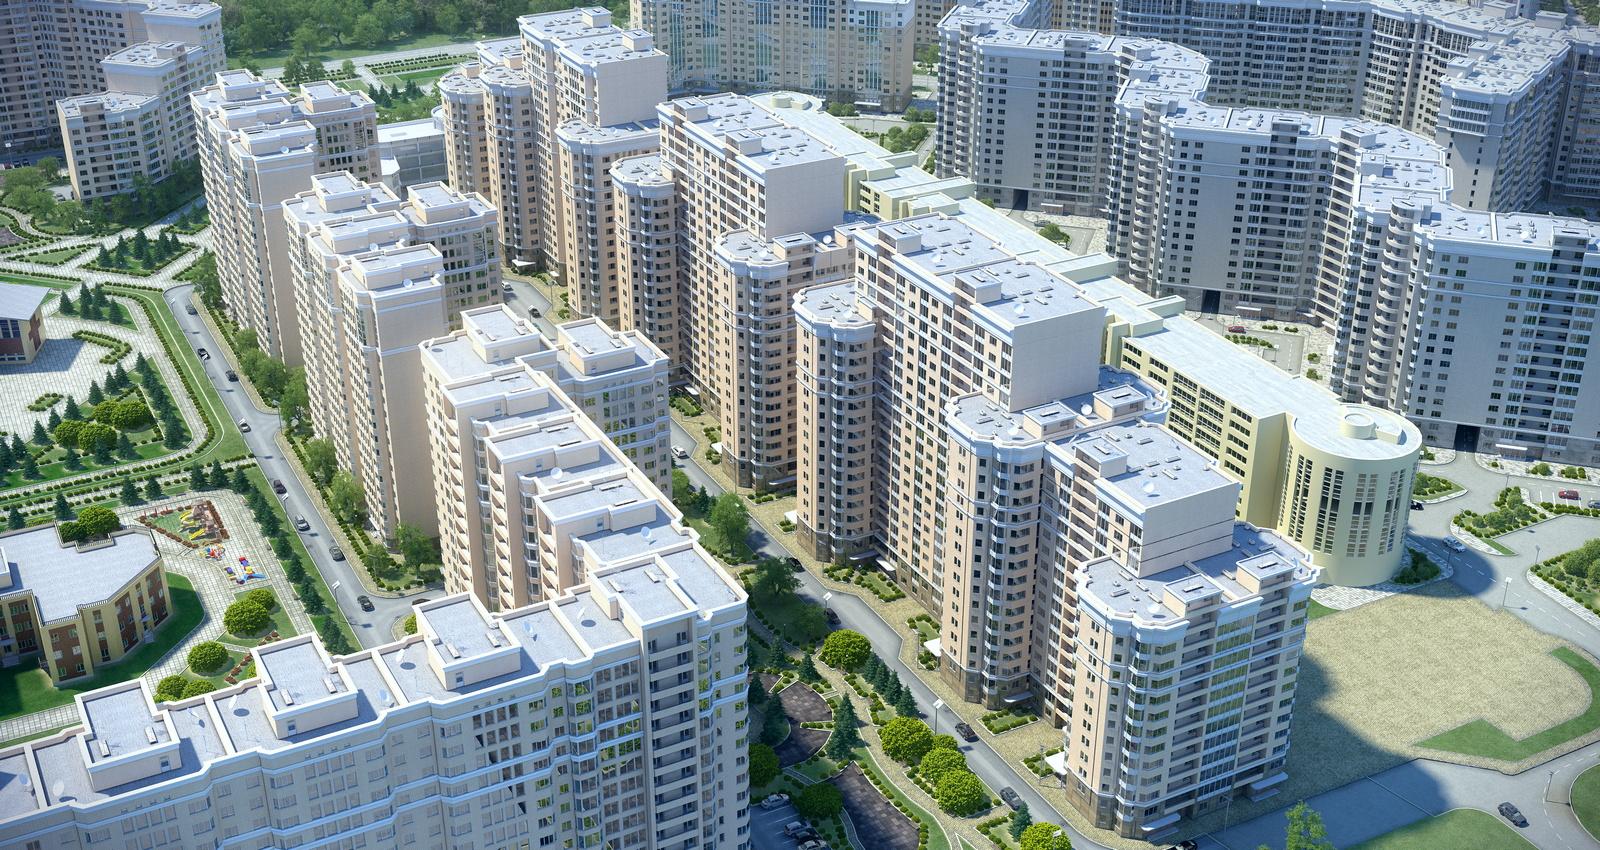 Половина купленных за прошлый год московских квартир досталась приезжим, подсчитали аналитики